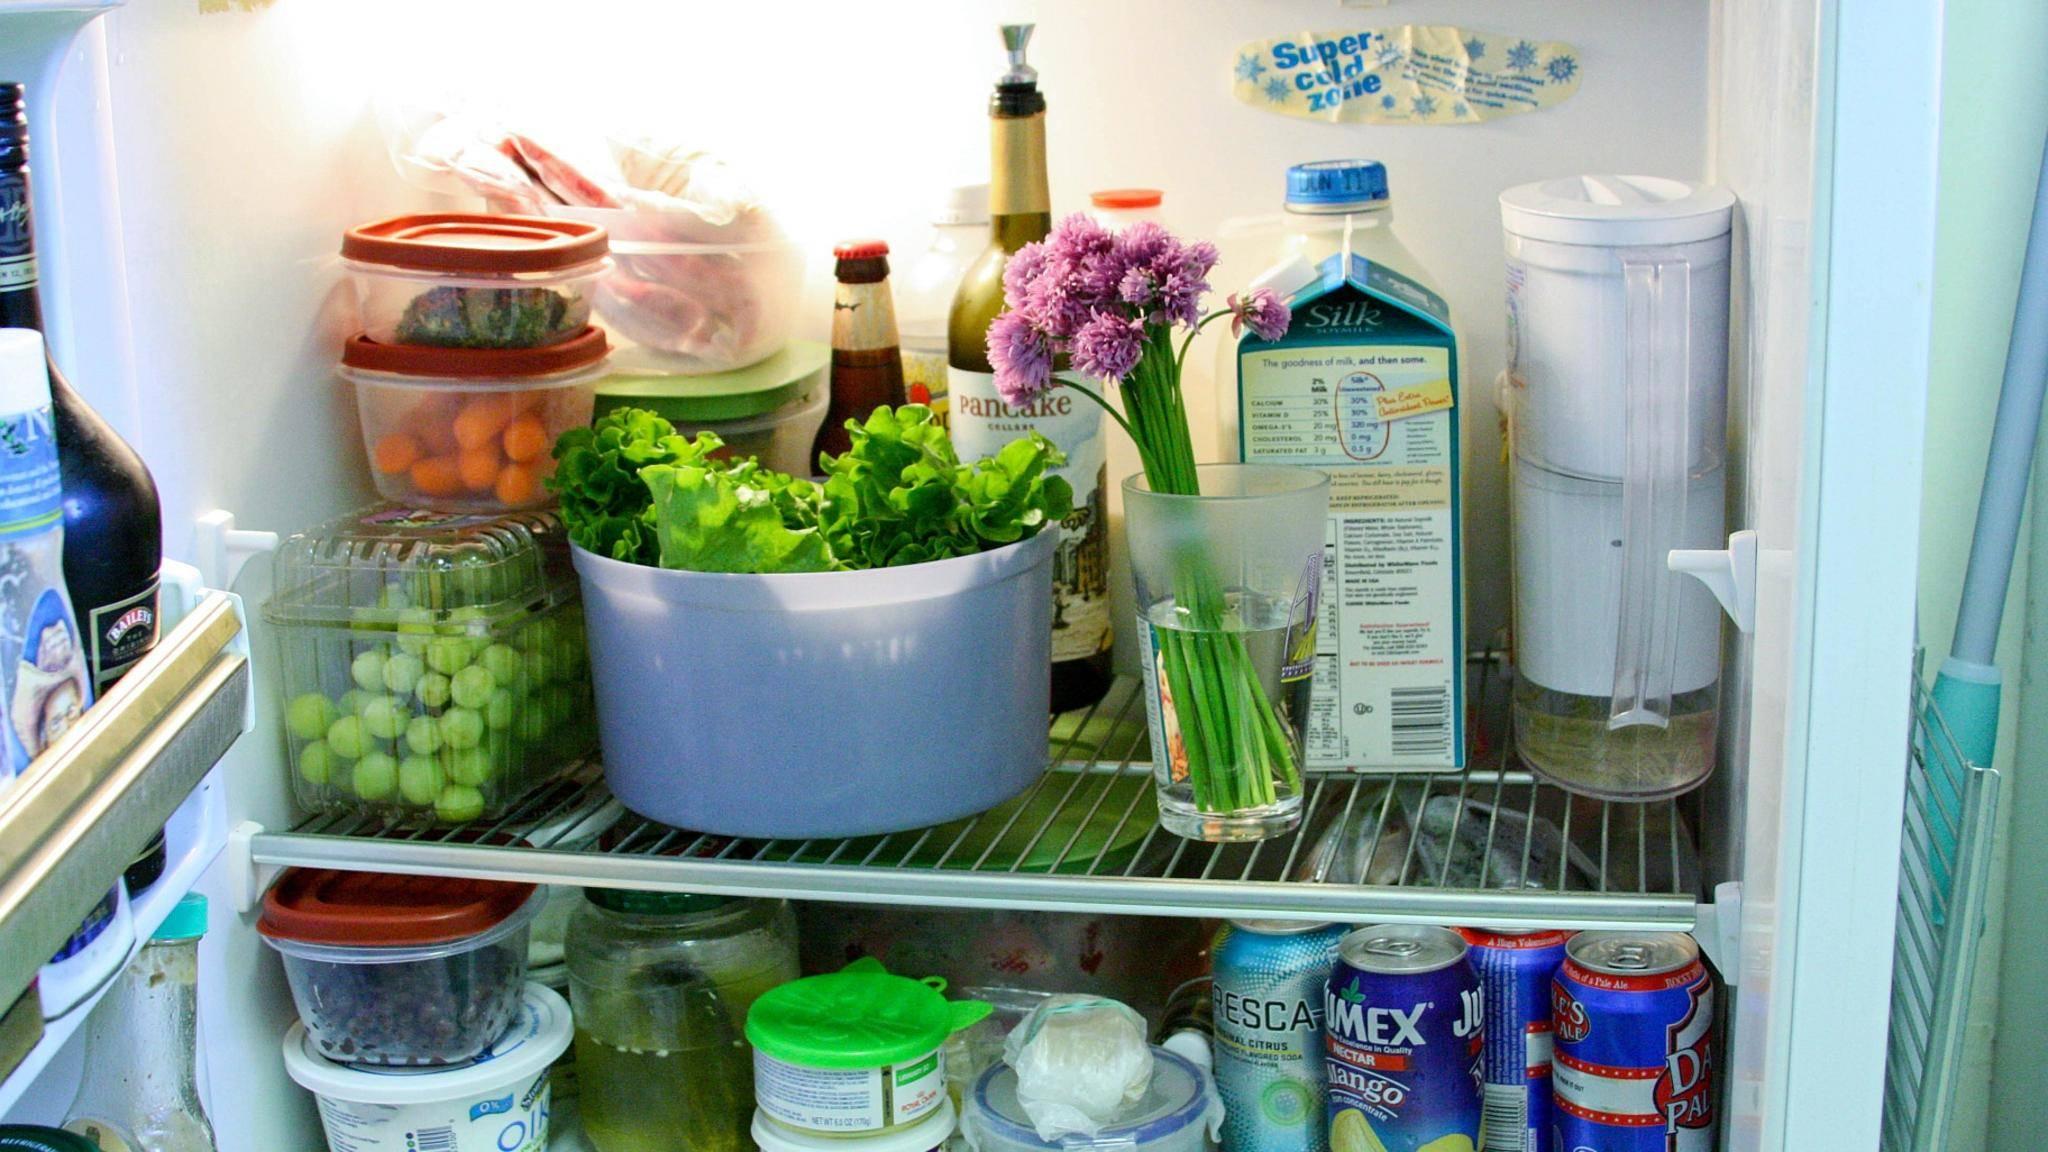 Bosch Kühlschrank Richtig Einräumen : Bosch kühlschrank richtig einräumen wie kühlschrank einräumen